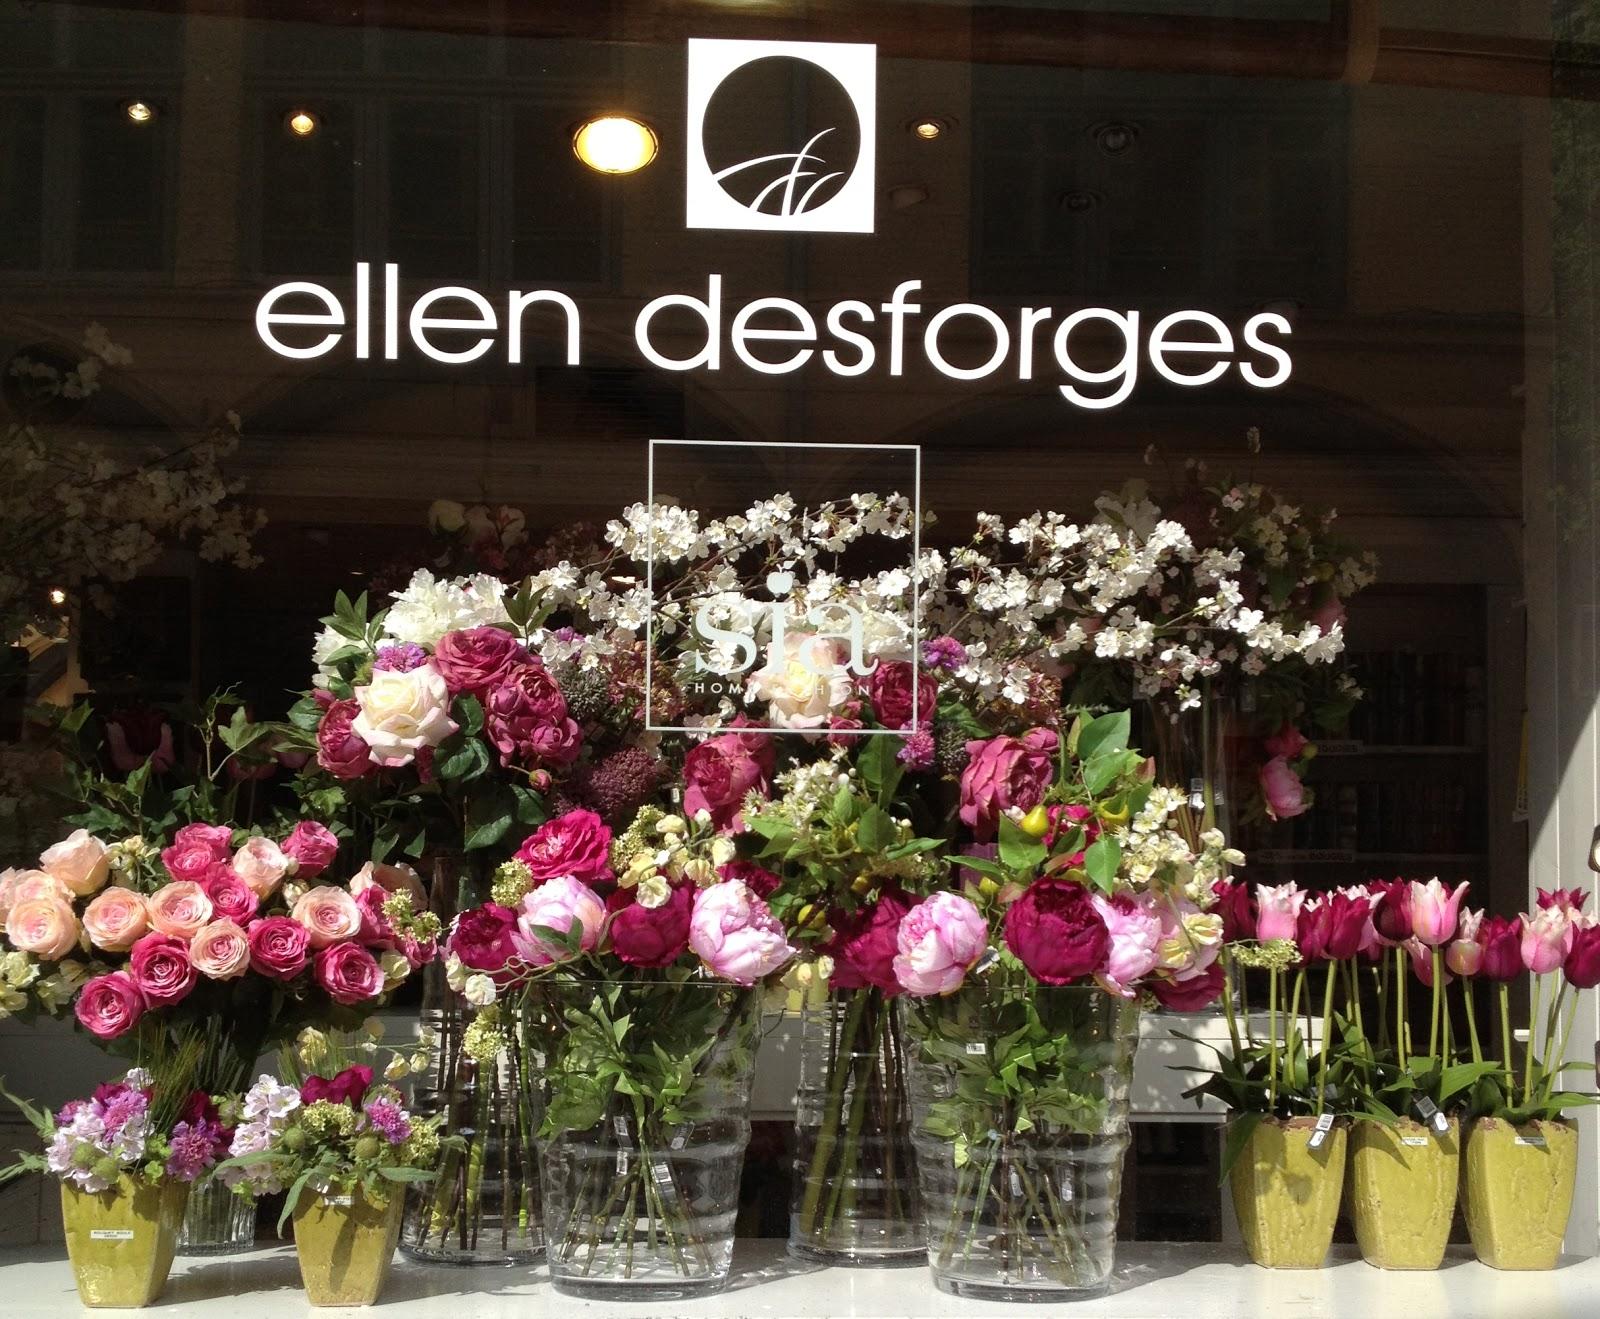 Ellen Desforges: Célèbrer au printemps les mamans avec des fleurs ...